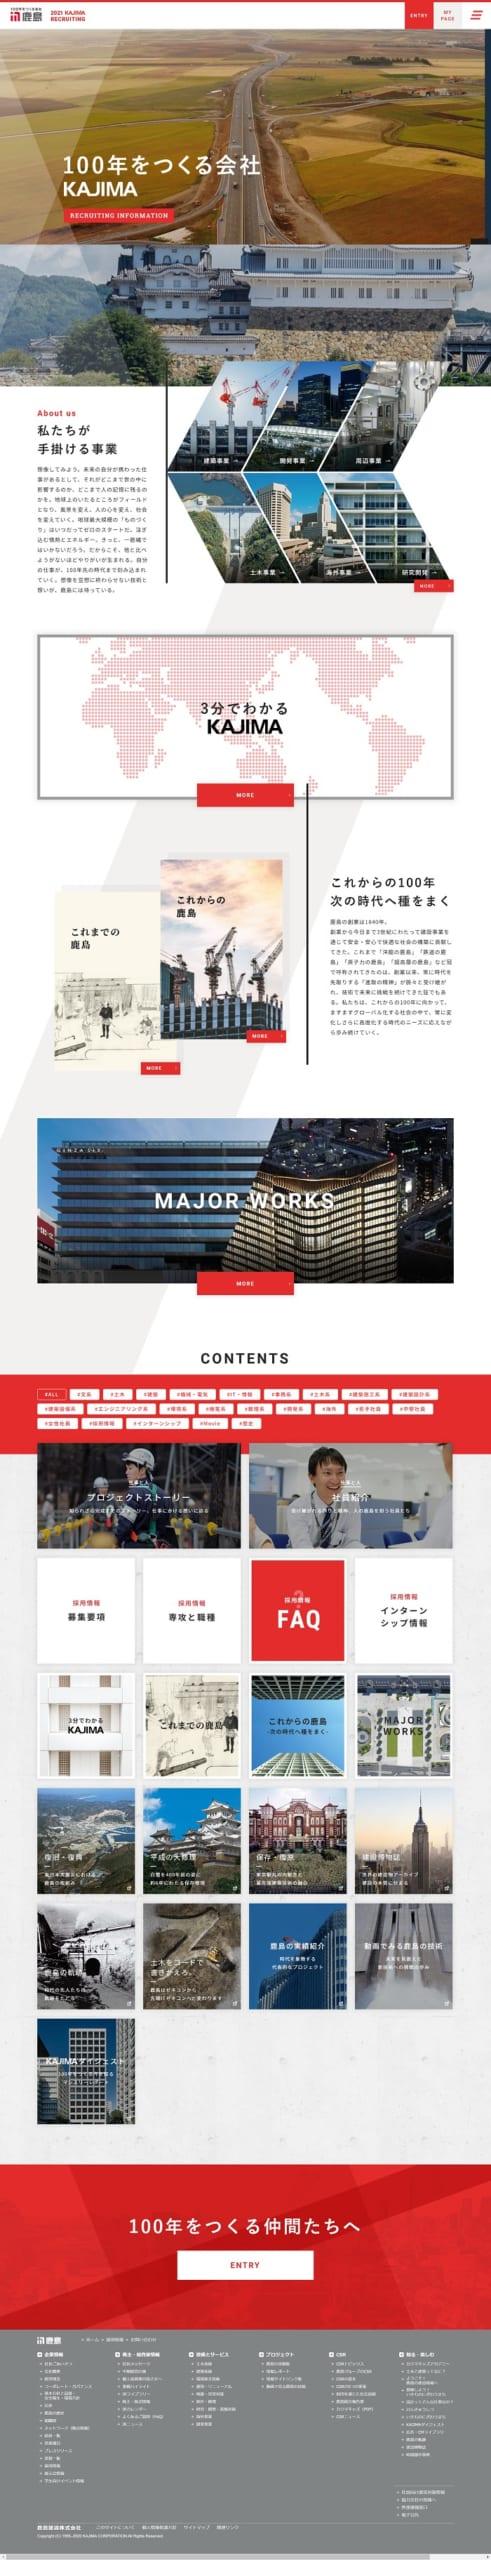 新卒採用情報|鹿島建設株式会社